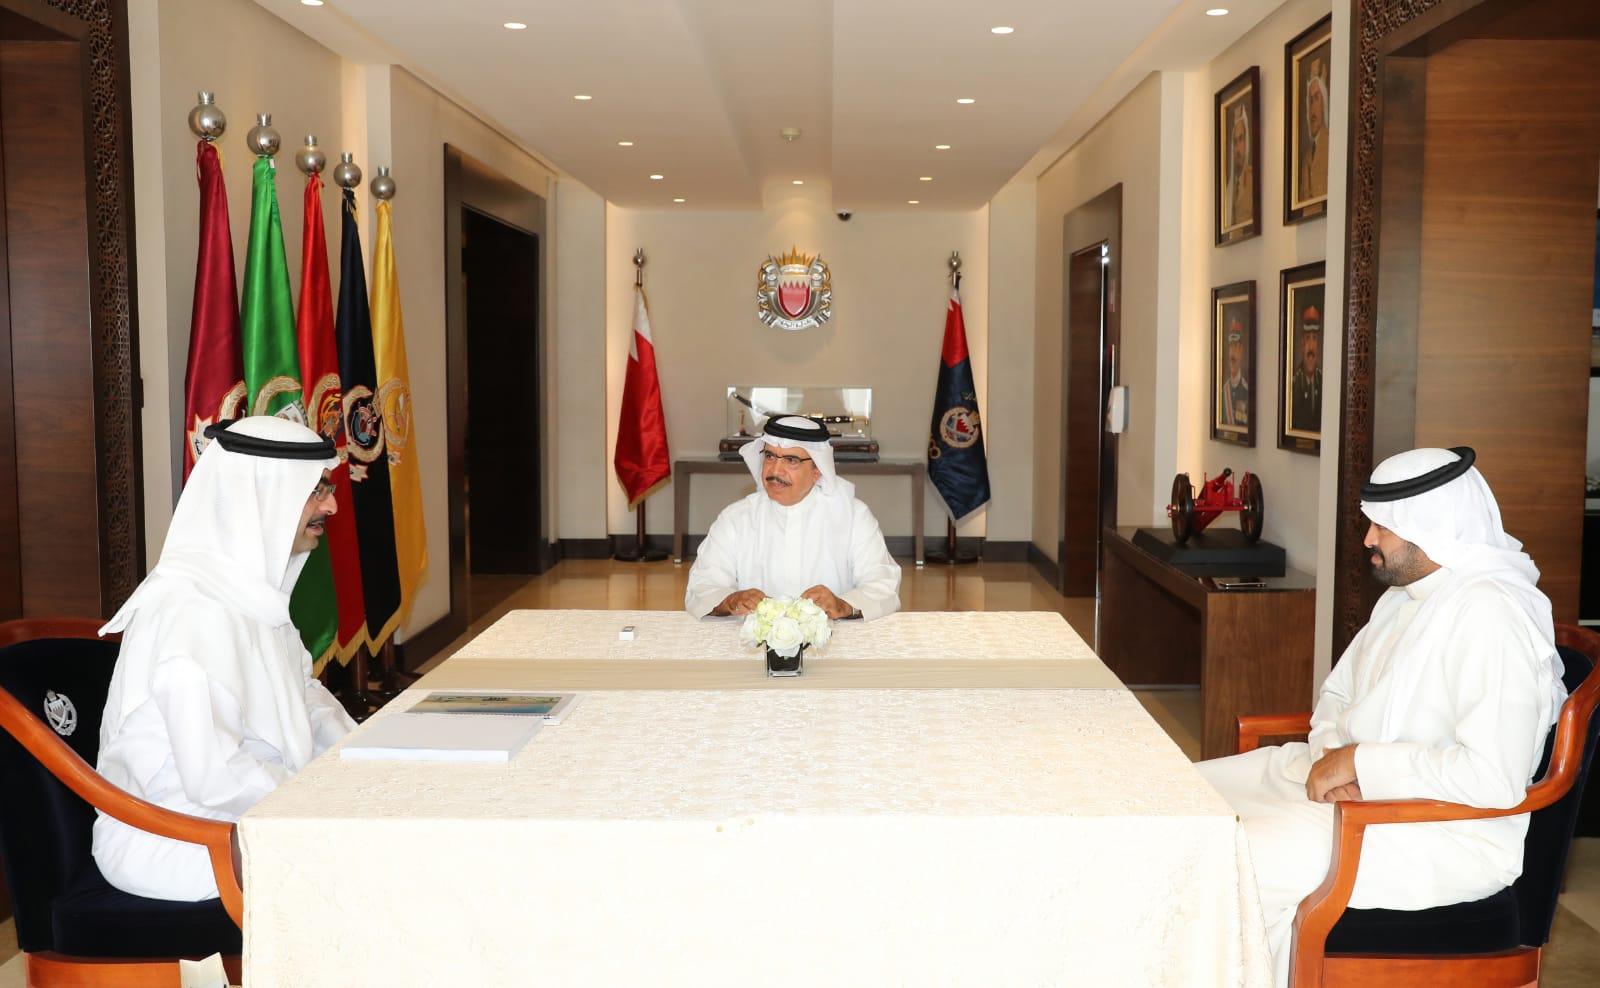 وزير الداخلية يستقبل محافظ الجنوبية ويطلع على تقرير سير المشاريع الخدمية والبرامج التي تنفذها المحافظة